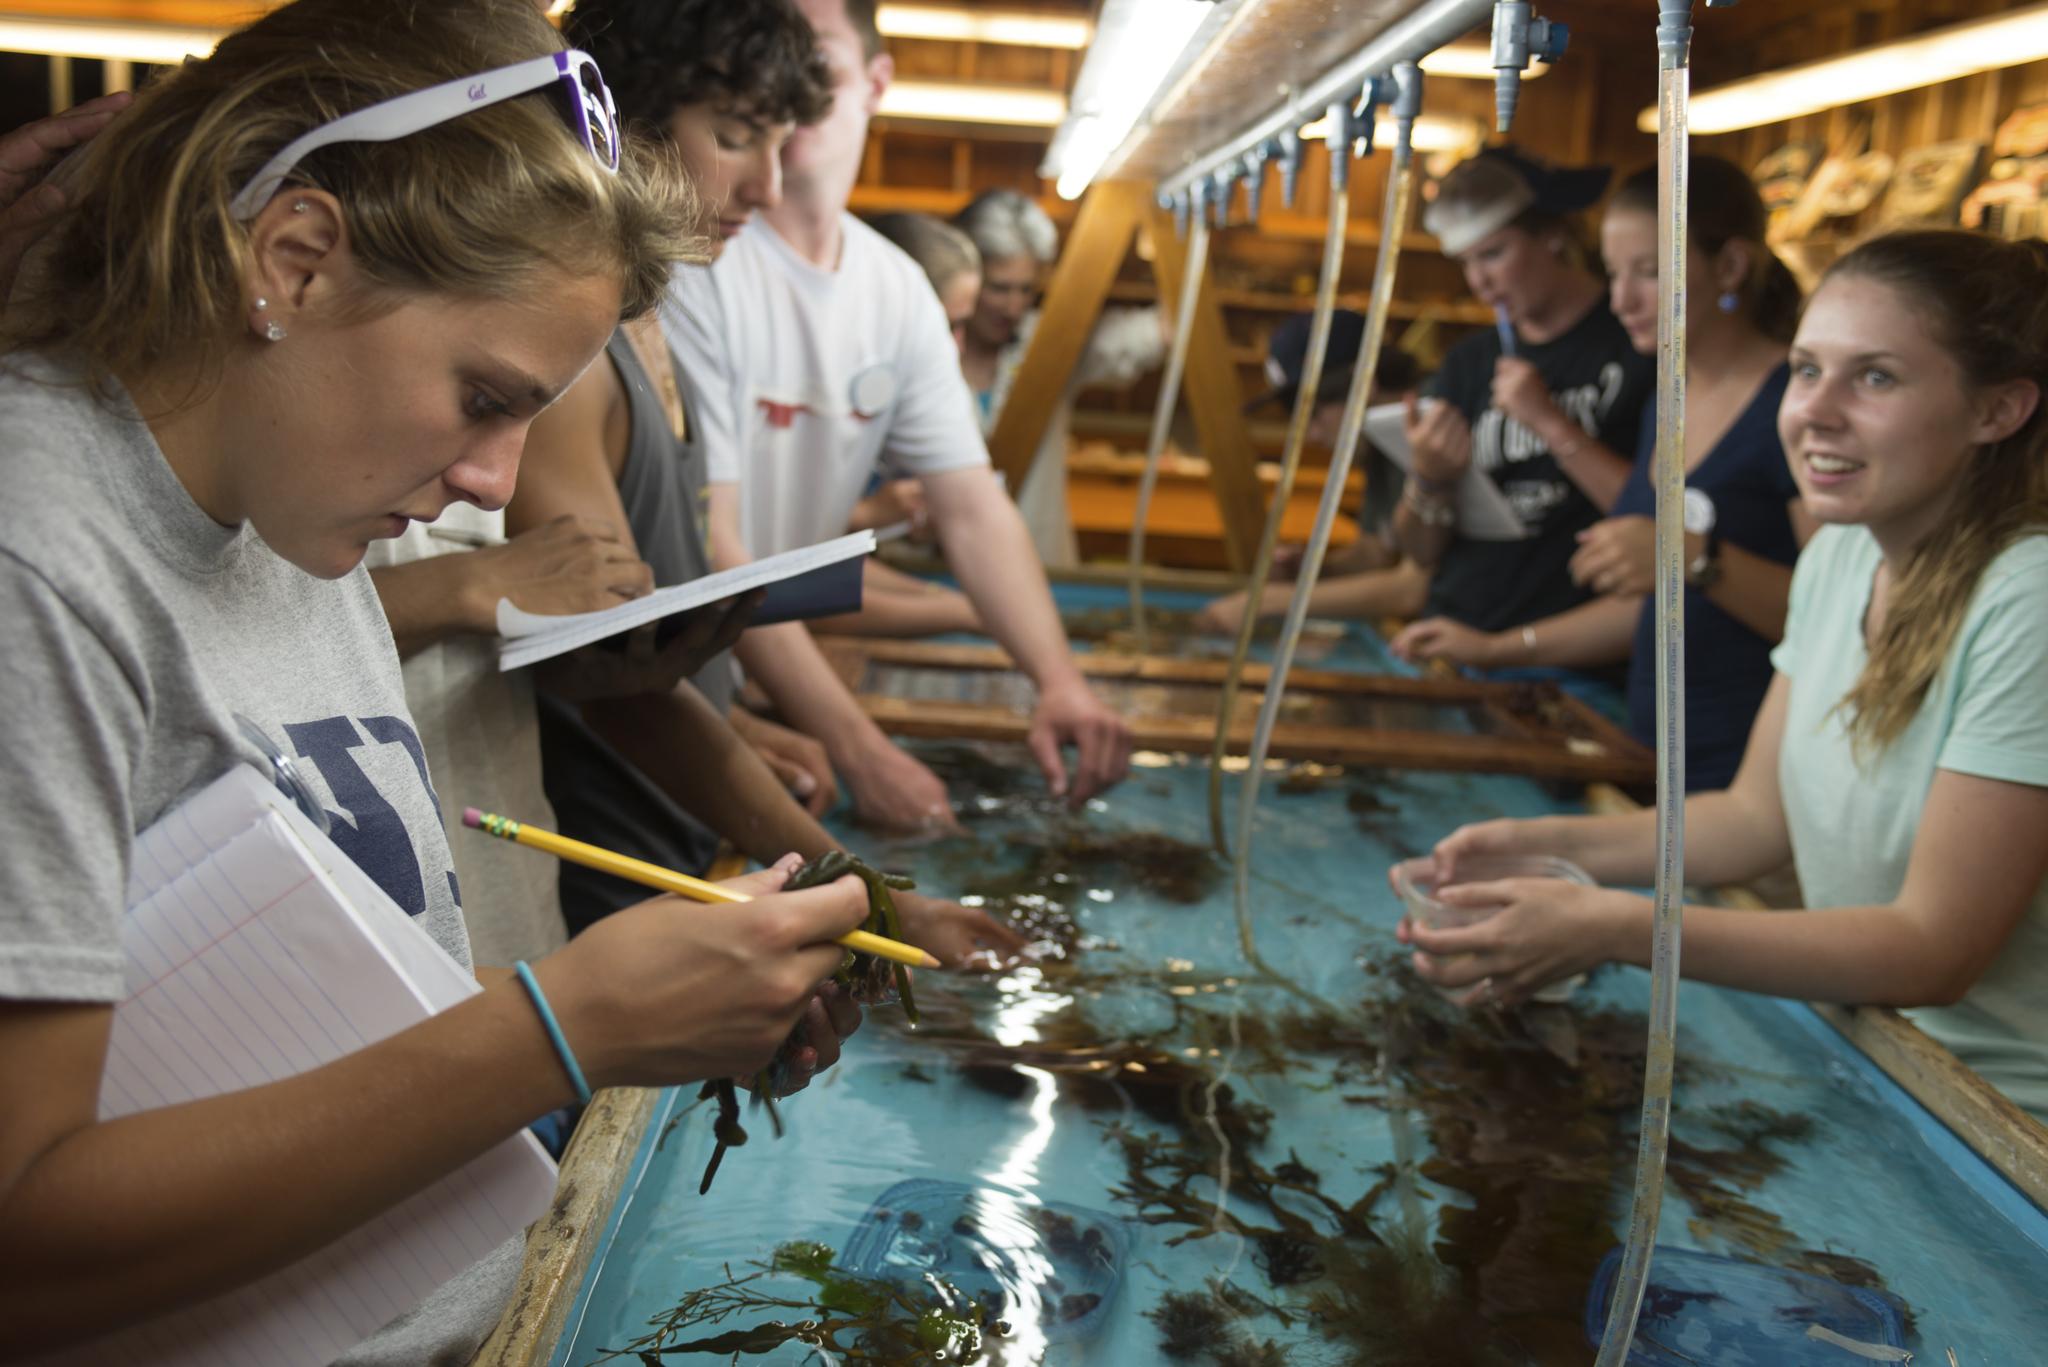 UNH student examining fish